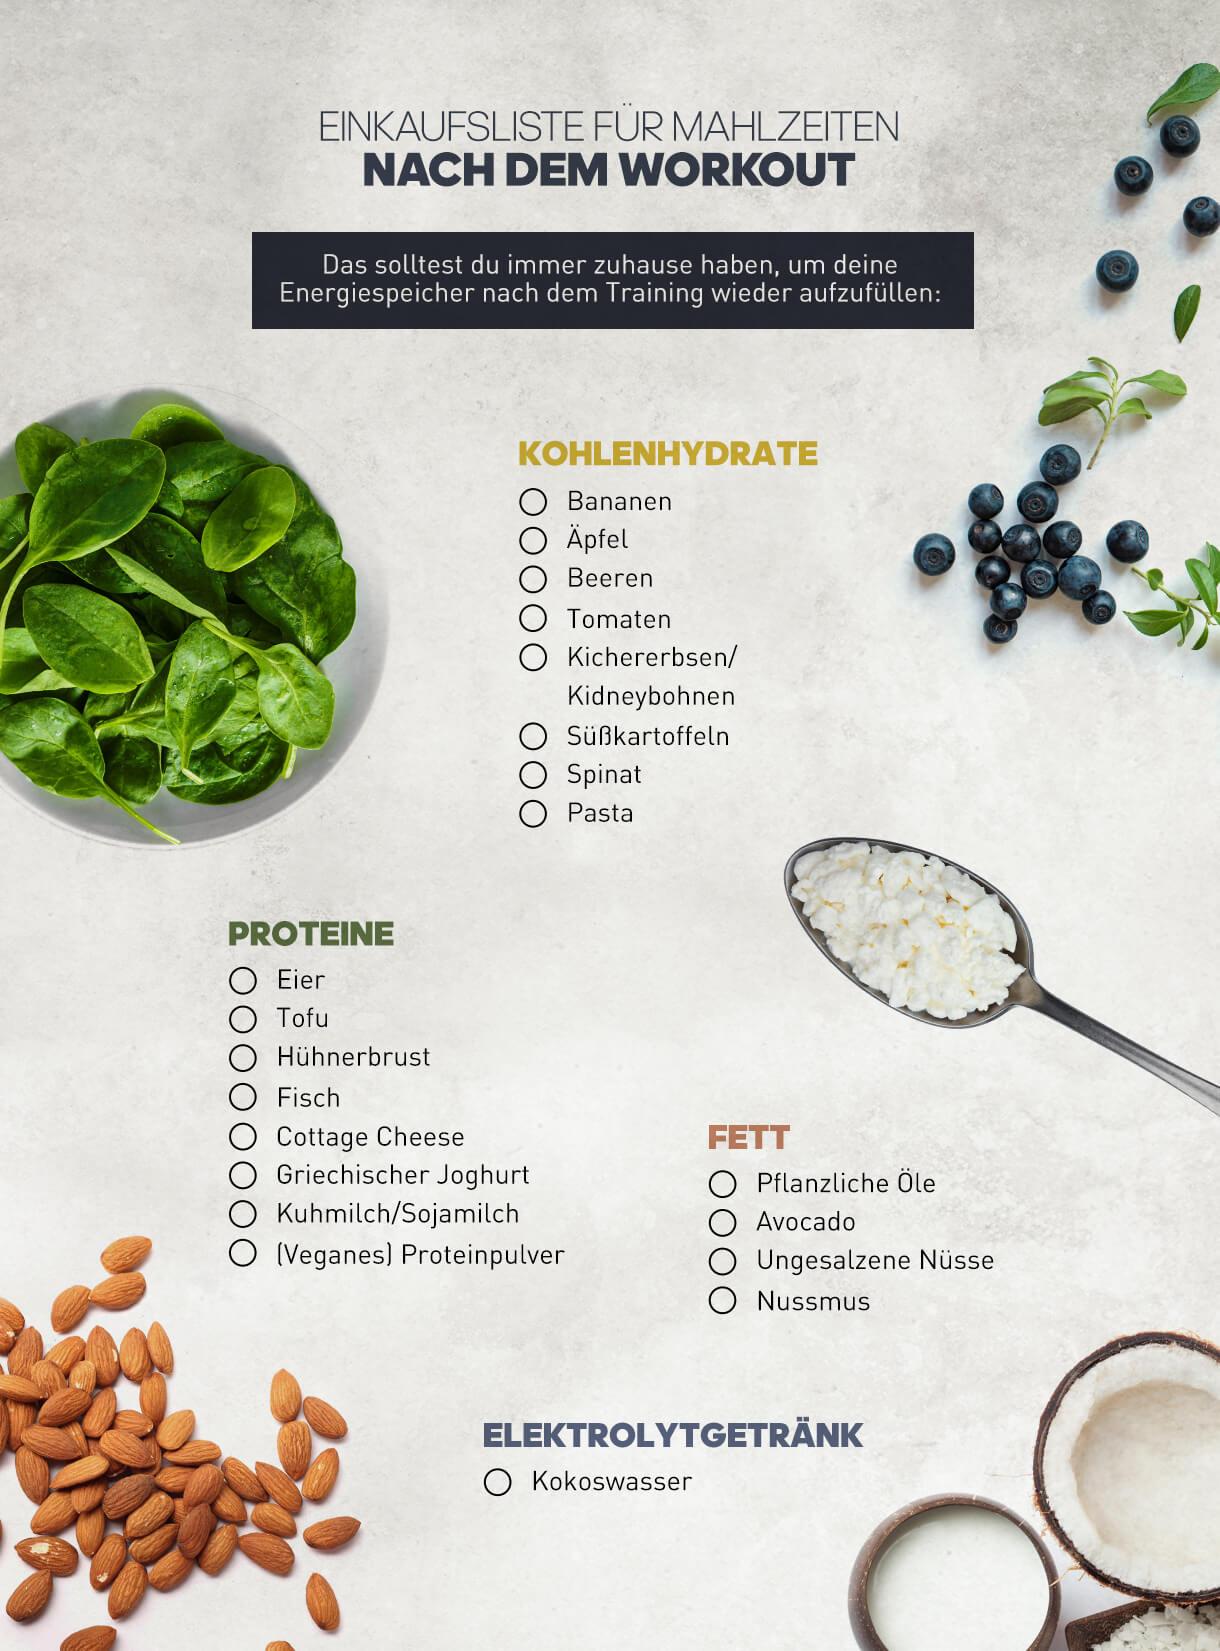 Liste für Mahlzeiten, die sich nach dem Training eignen